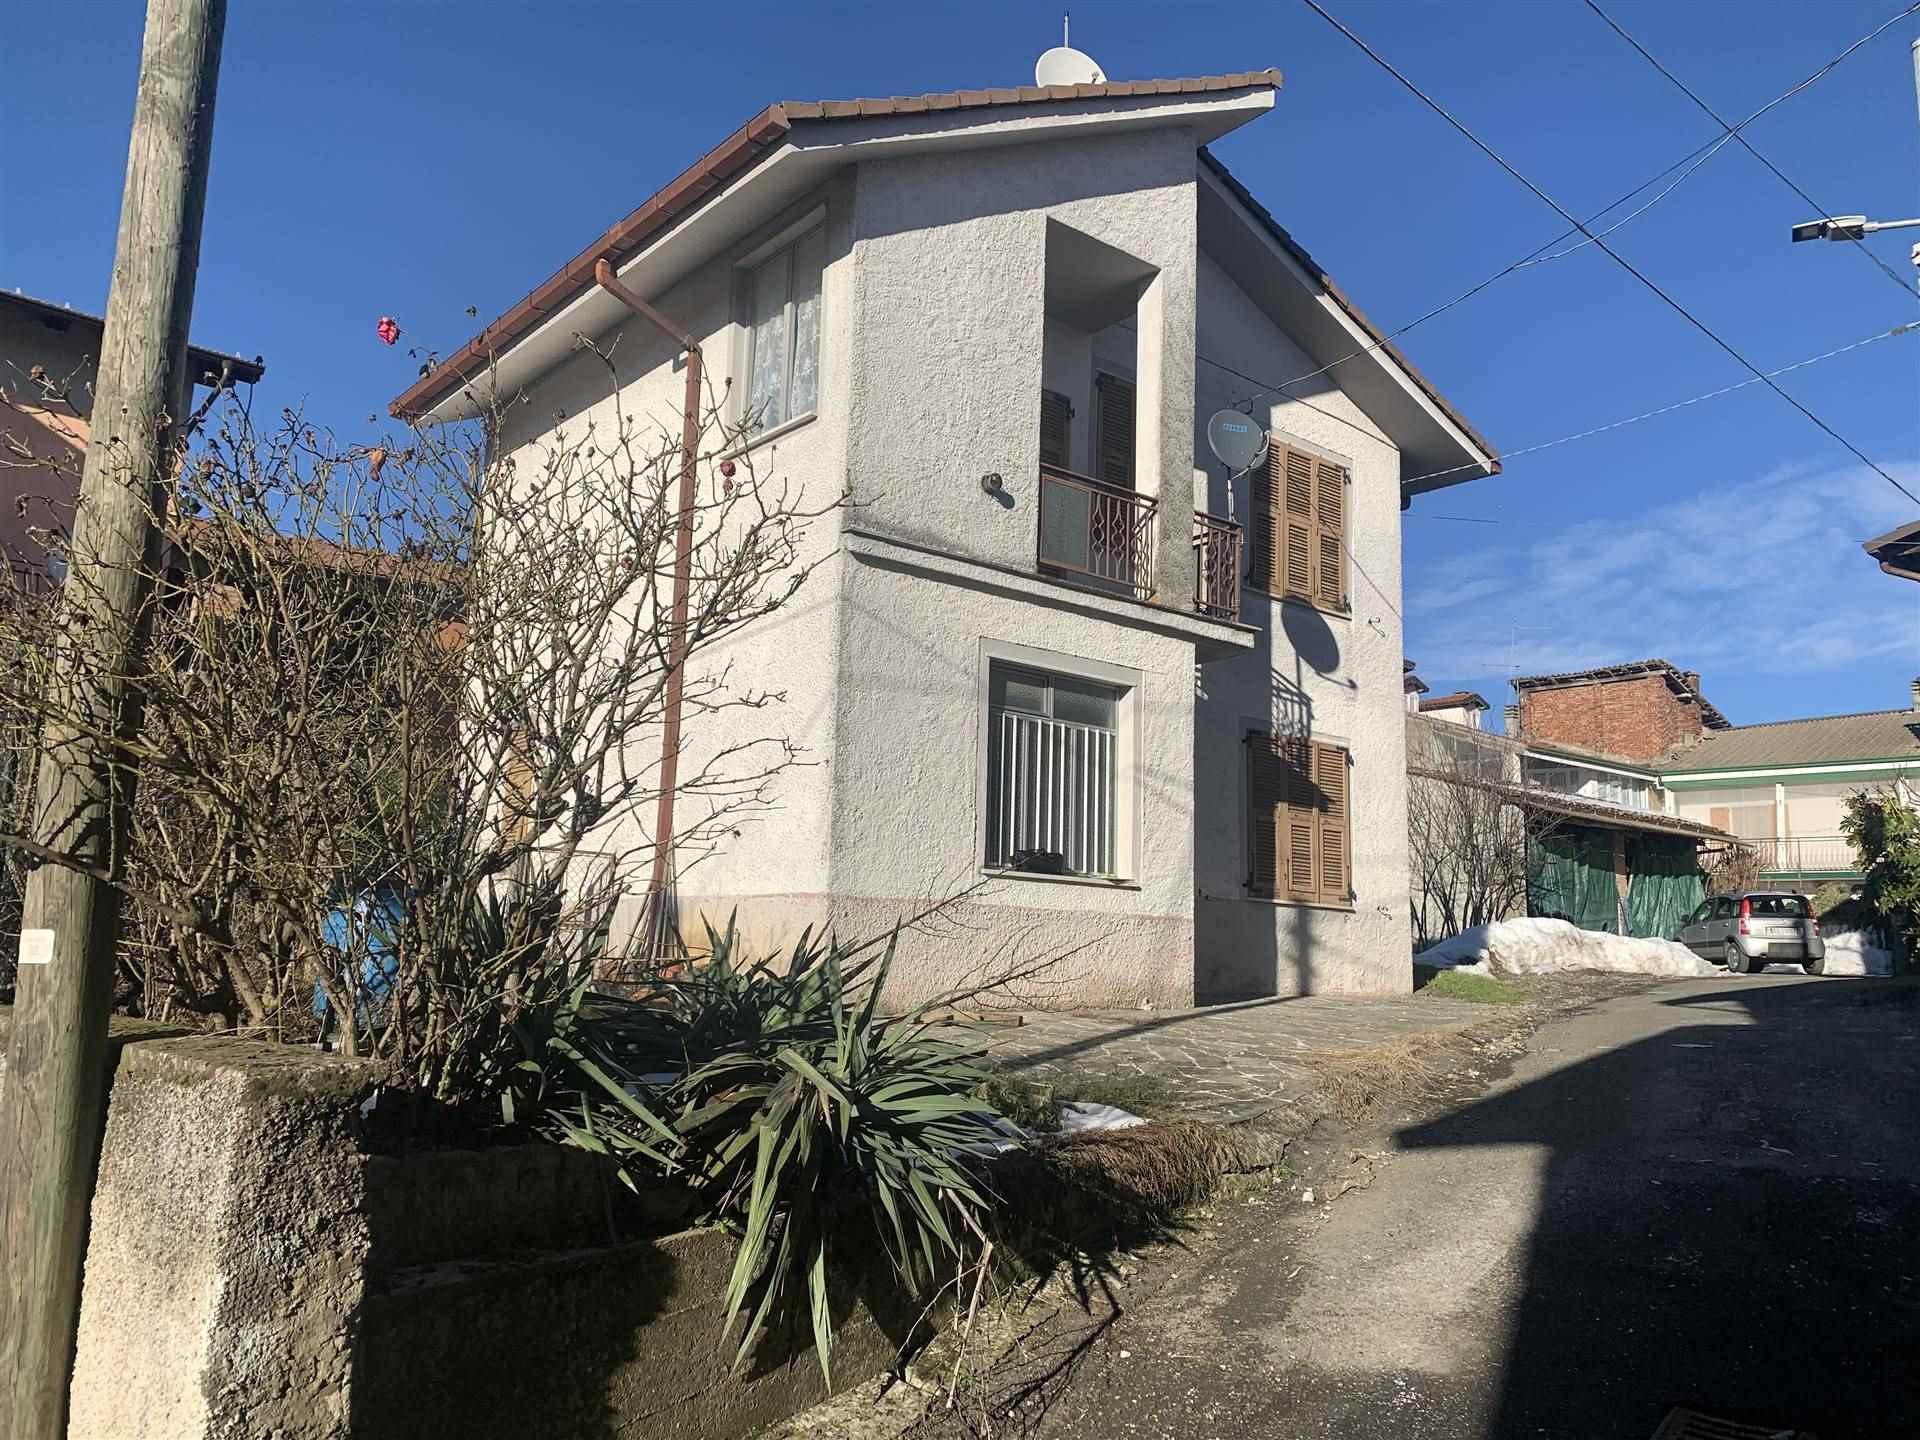 Villa in vendita a Sant'Agata Fossili, 4 locali, prezzo € 78.000 | CambioCasa.it